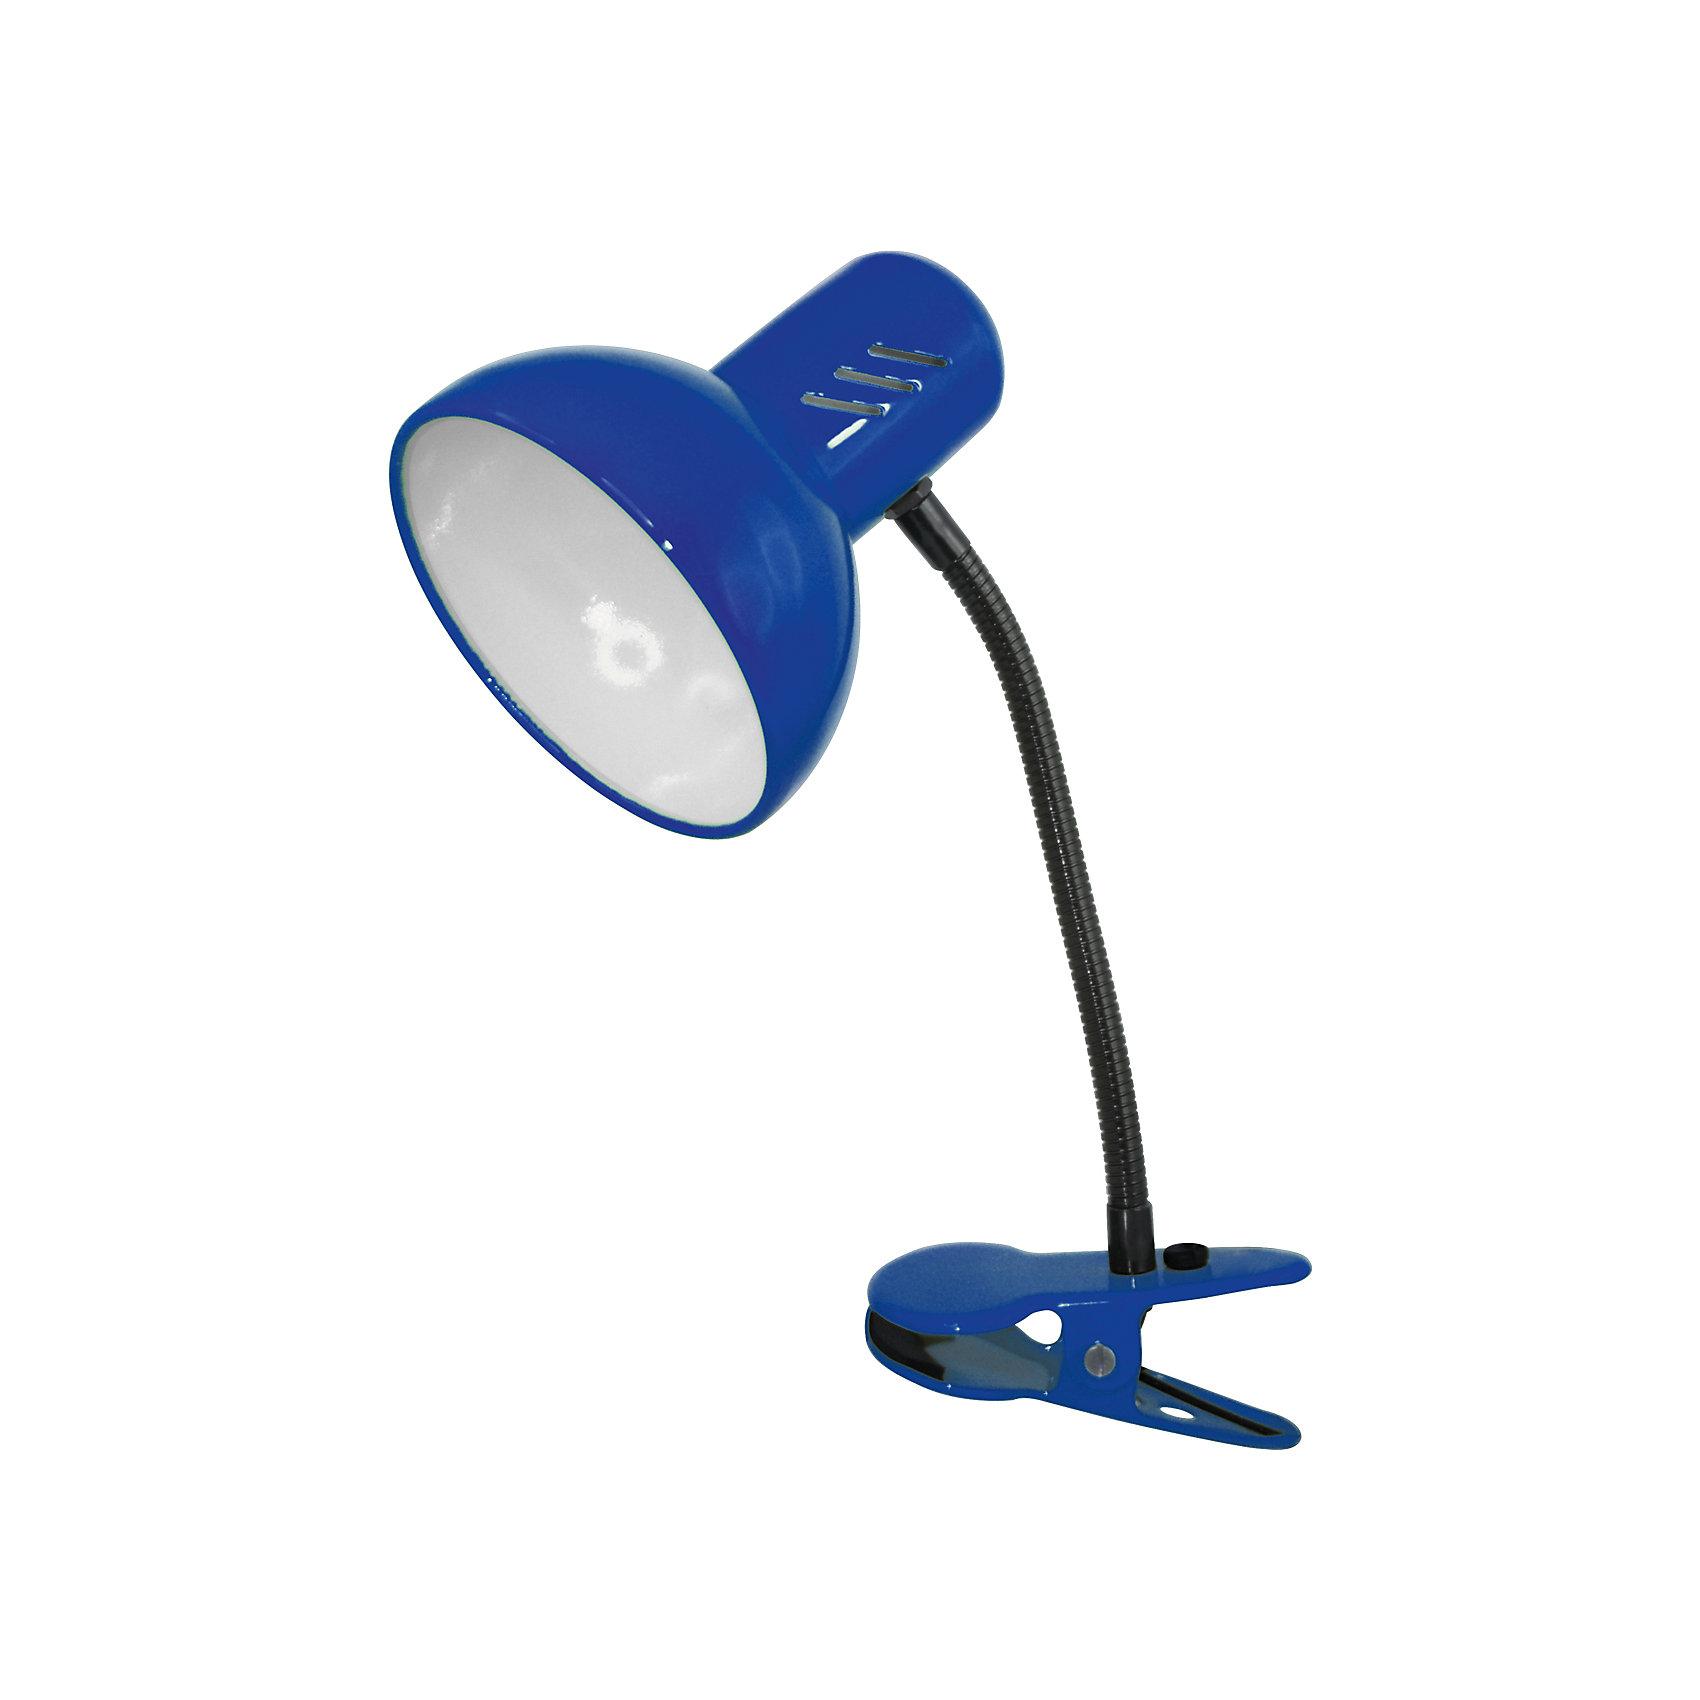 Синий светильник, 40 ВтЛампы, ночники, фонарики<br>Синий светильник, 40 Вт – это классический светильник для освещения рабочего стола.<br>Синий светильник классического дизайна идеально подойдет для освещения рабочего места дома и в офисе. Светильник крепиться с помощью зажима-прищепки. Плафон изготовлен из облегчённого металла, покрыт специальной устойчивой эмалью. Патрон светильника прочно закреплён, изготовлен из керамики. Сетевой шнур с вилкой длиной 1,8м. имеет двойную изоляцию, не требует заземления. Вилка изготовлена из пластичного материала, предотвращающего появление трещин. Светильник удобен и практичен в использовании.<br><br>Дополнительная информация: <br><br>- Материал плафона: металл<br>- Цвет: синий<br>- Питание: от сети 220В<br>- Тип цоколя: E27<br>- Мощность лампы: 40 Вт<br>- Длина шнура питания с вилкой: 1,8 м.<br>- Размер светильника: 17х22,5х12,5 см.<br>- Размер упаковки: 24х16х14 см.<br>- Вес: 642 гр.<br><br>Синий светильник, 40 Вт можно купить в нашем интернет-магазине.<br><br>Ширина мм: 240<br>Глубина мм: 160<br>Высота мм: 140<br>Вес г: 642<br>Возраст от месяцев: 36<br>Возраст до месяцев: 192<br>Пол: Унисекс<br>Возраст: Детский<br>SKU: 4641475